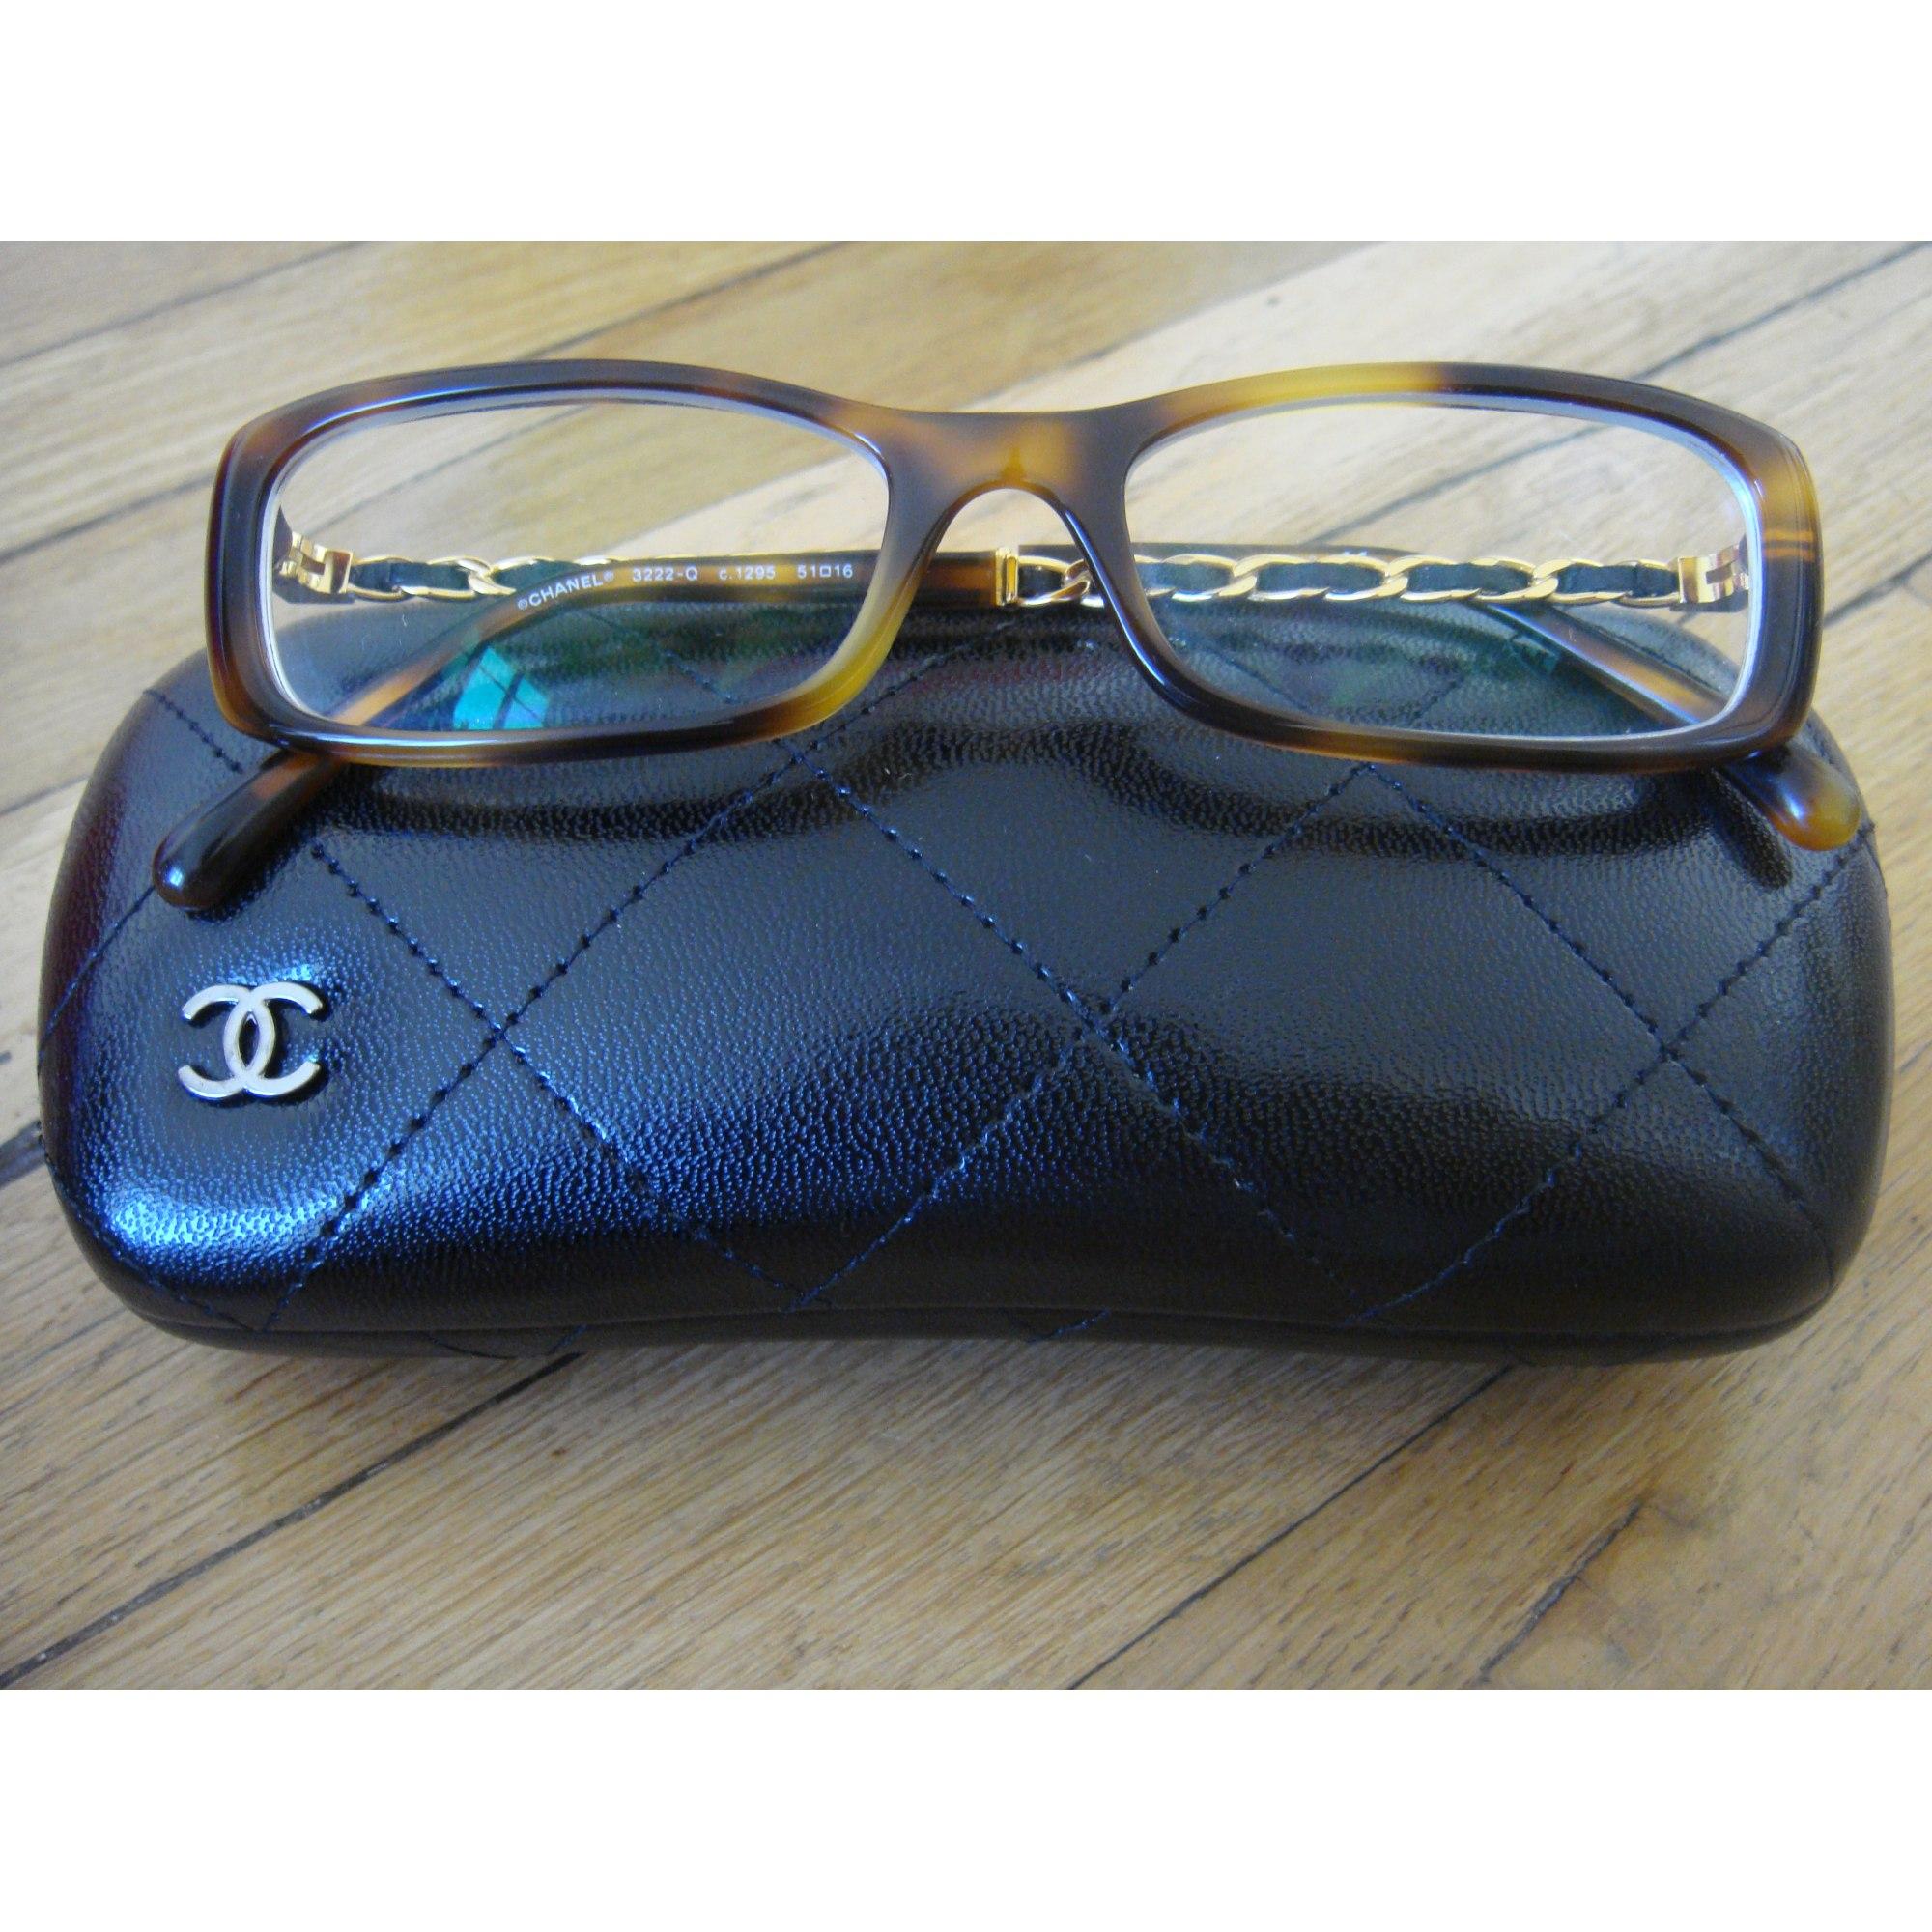 e1ea008d6786a0 Monture de lunettes CHANEL light havana vendu par Blush-a-boo123436 ...